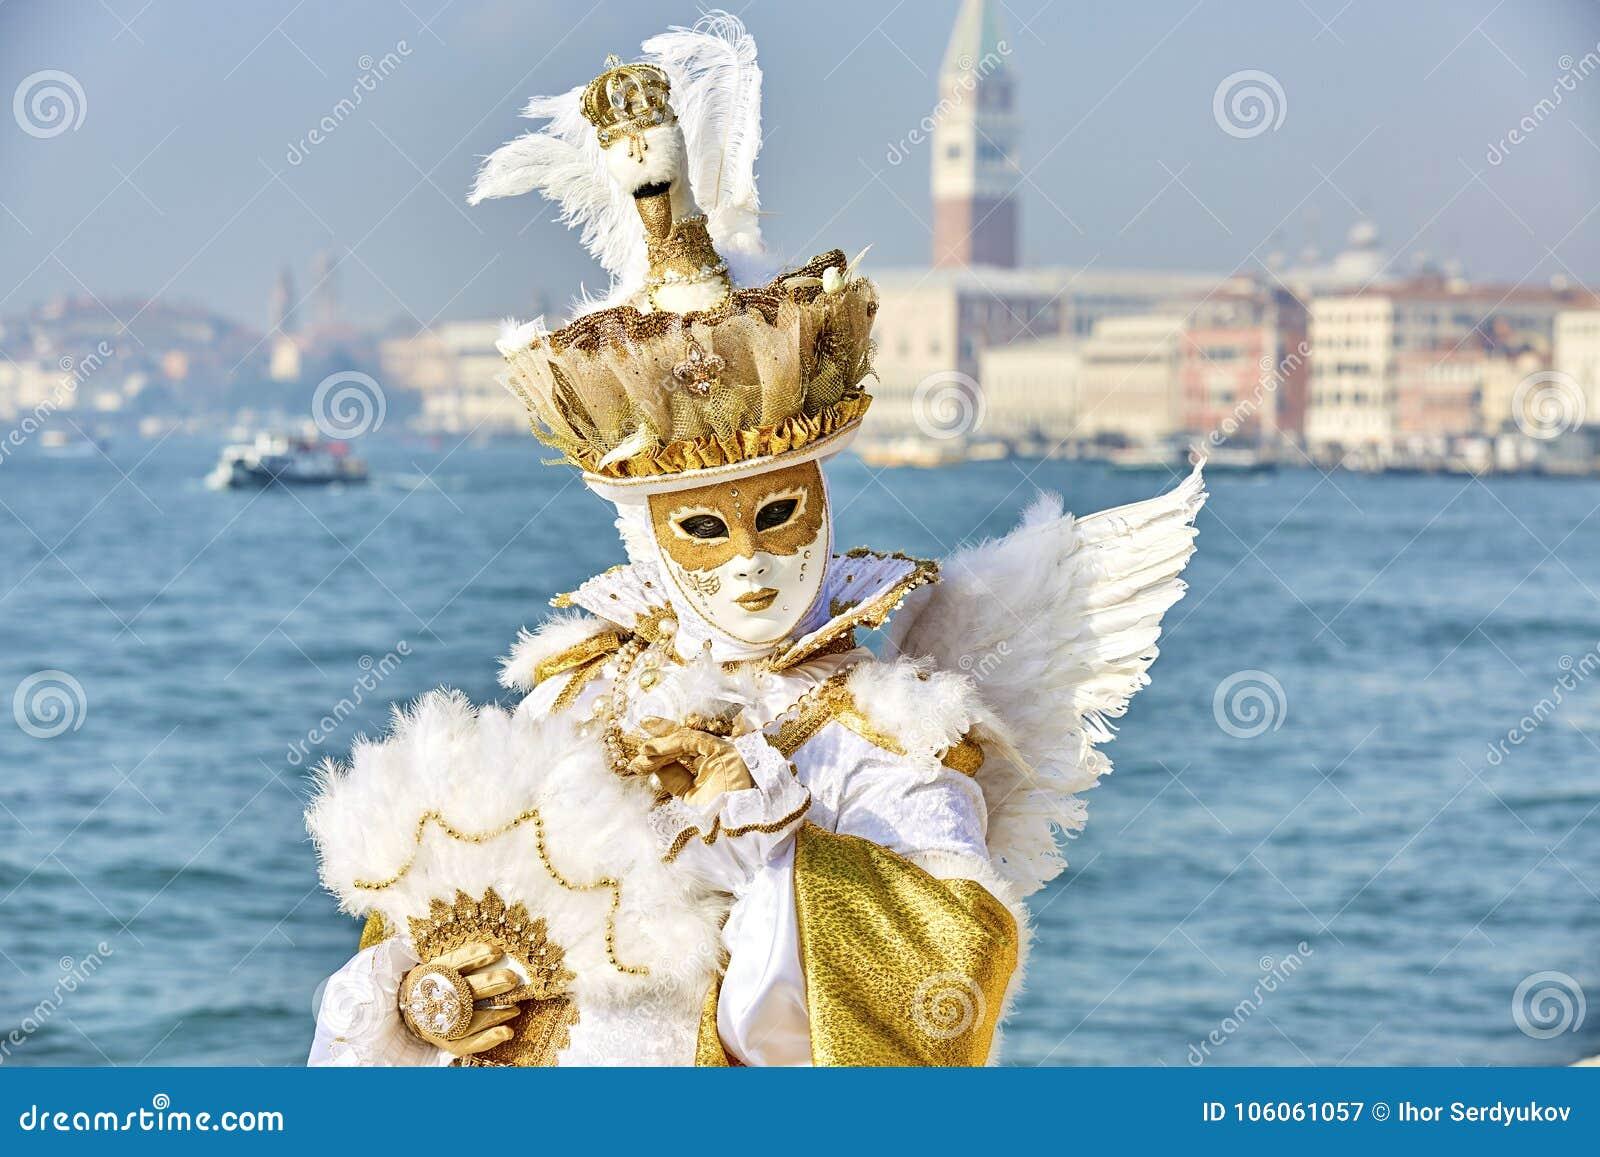 Carnaval 2017 de Venecia Traje veneciano del carnaval Máscara veneciana del carnaval Venecia, Italia Traje veneciano del carnaval